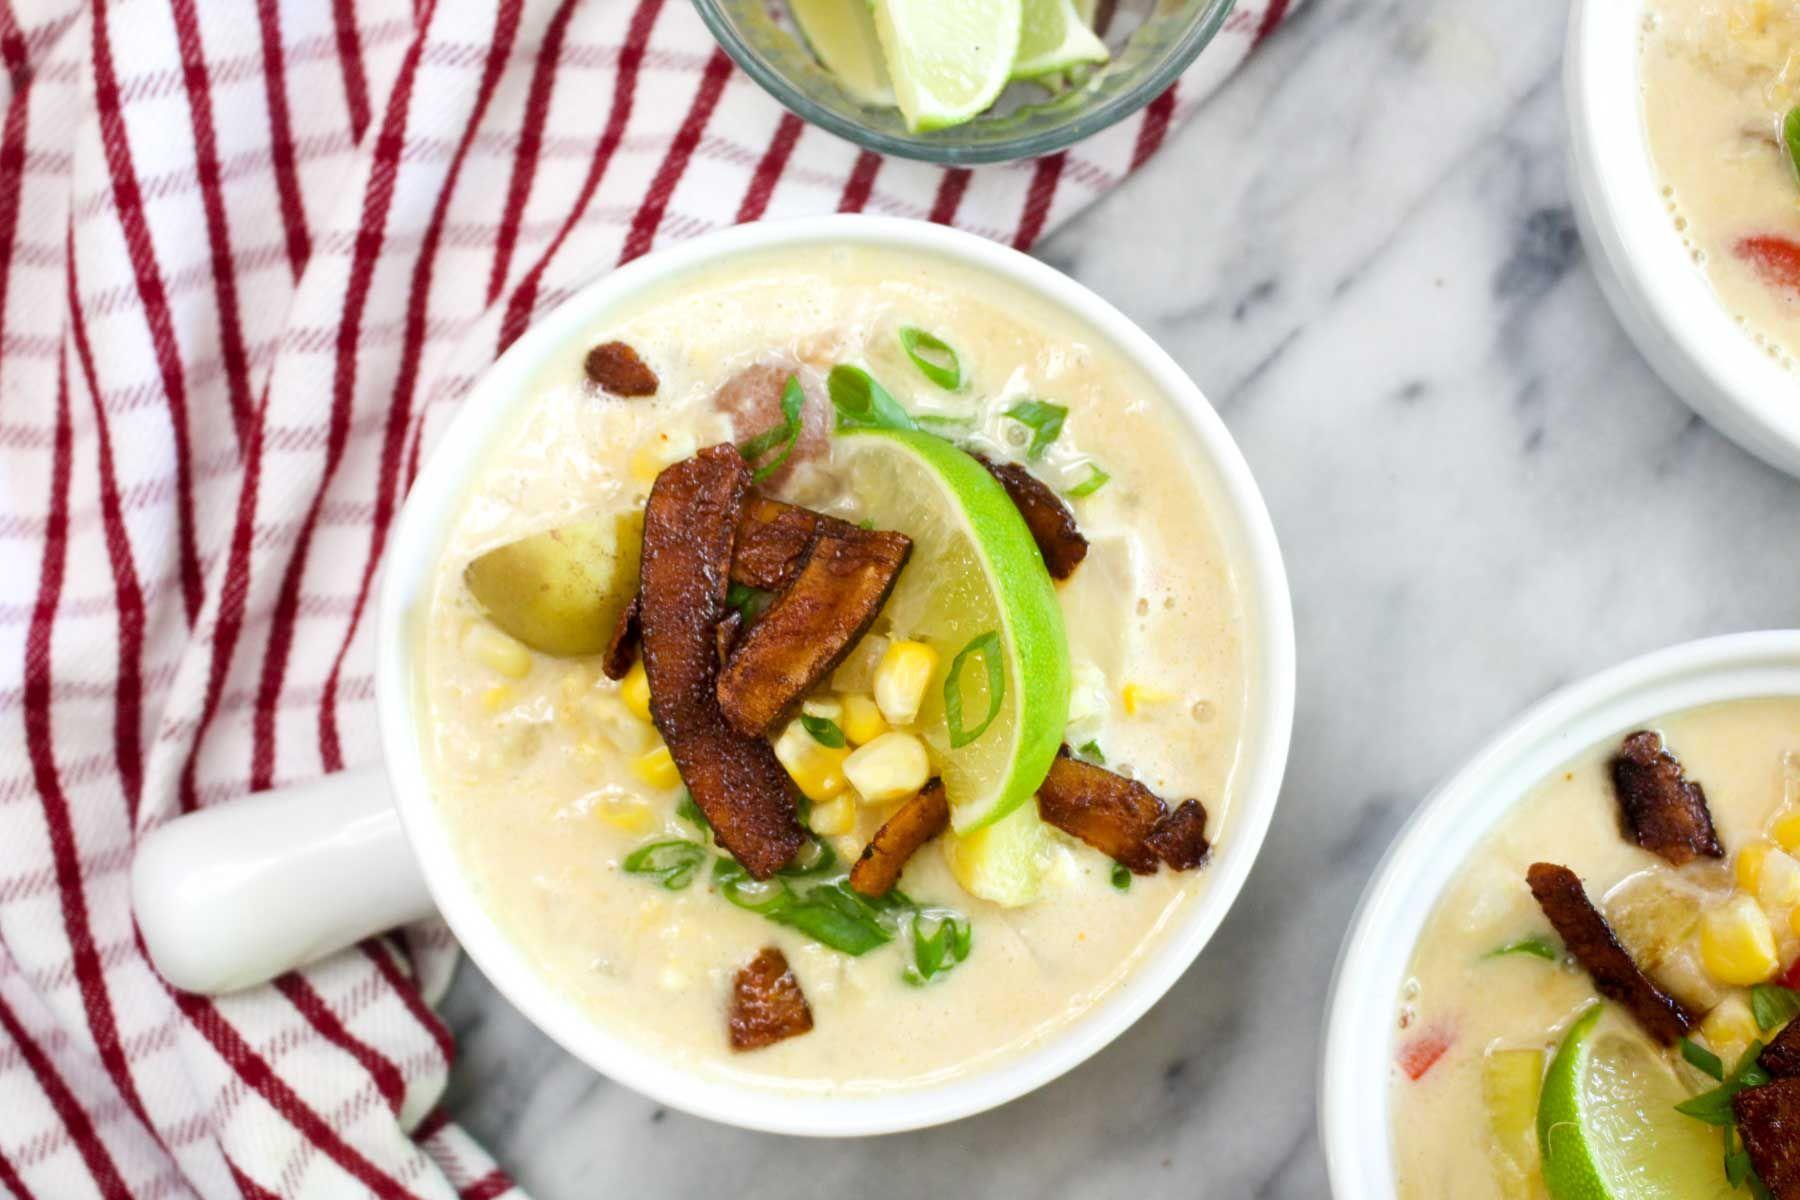 Delicious healthy fresh corn chowder